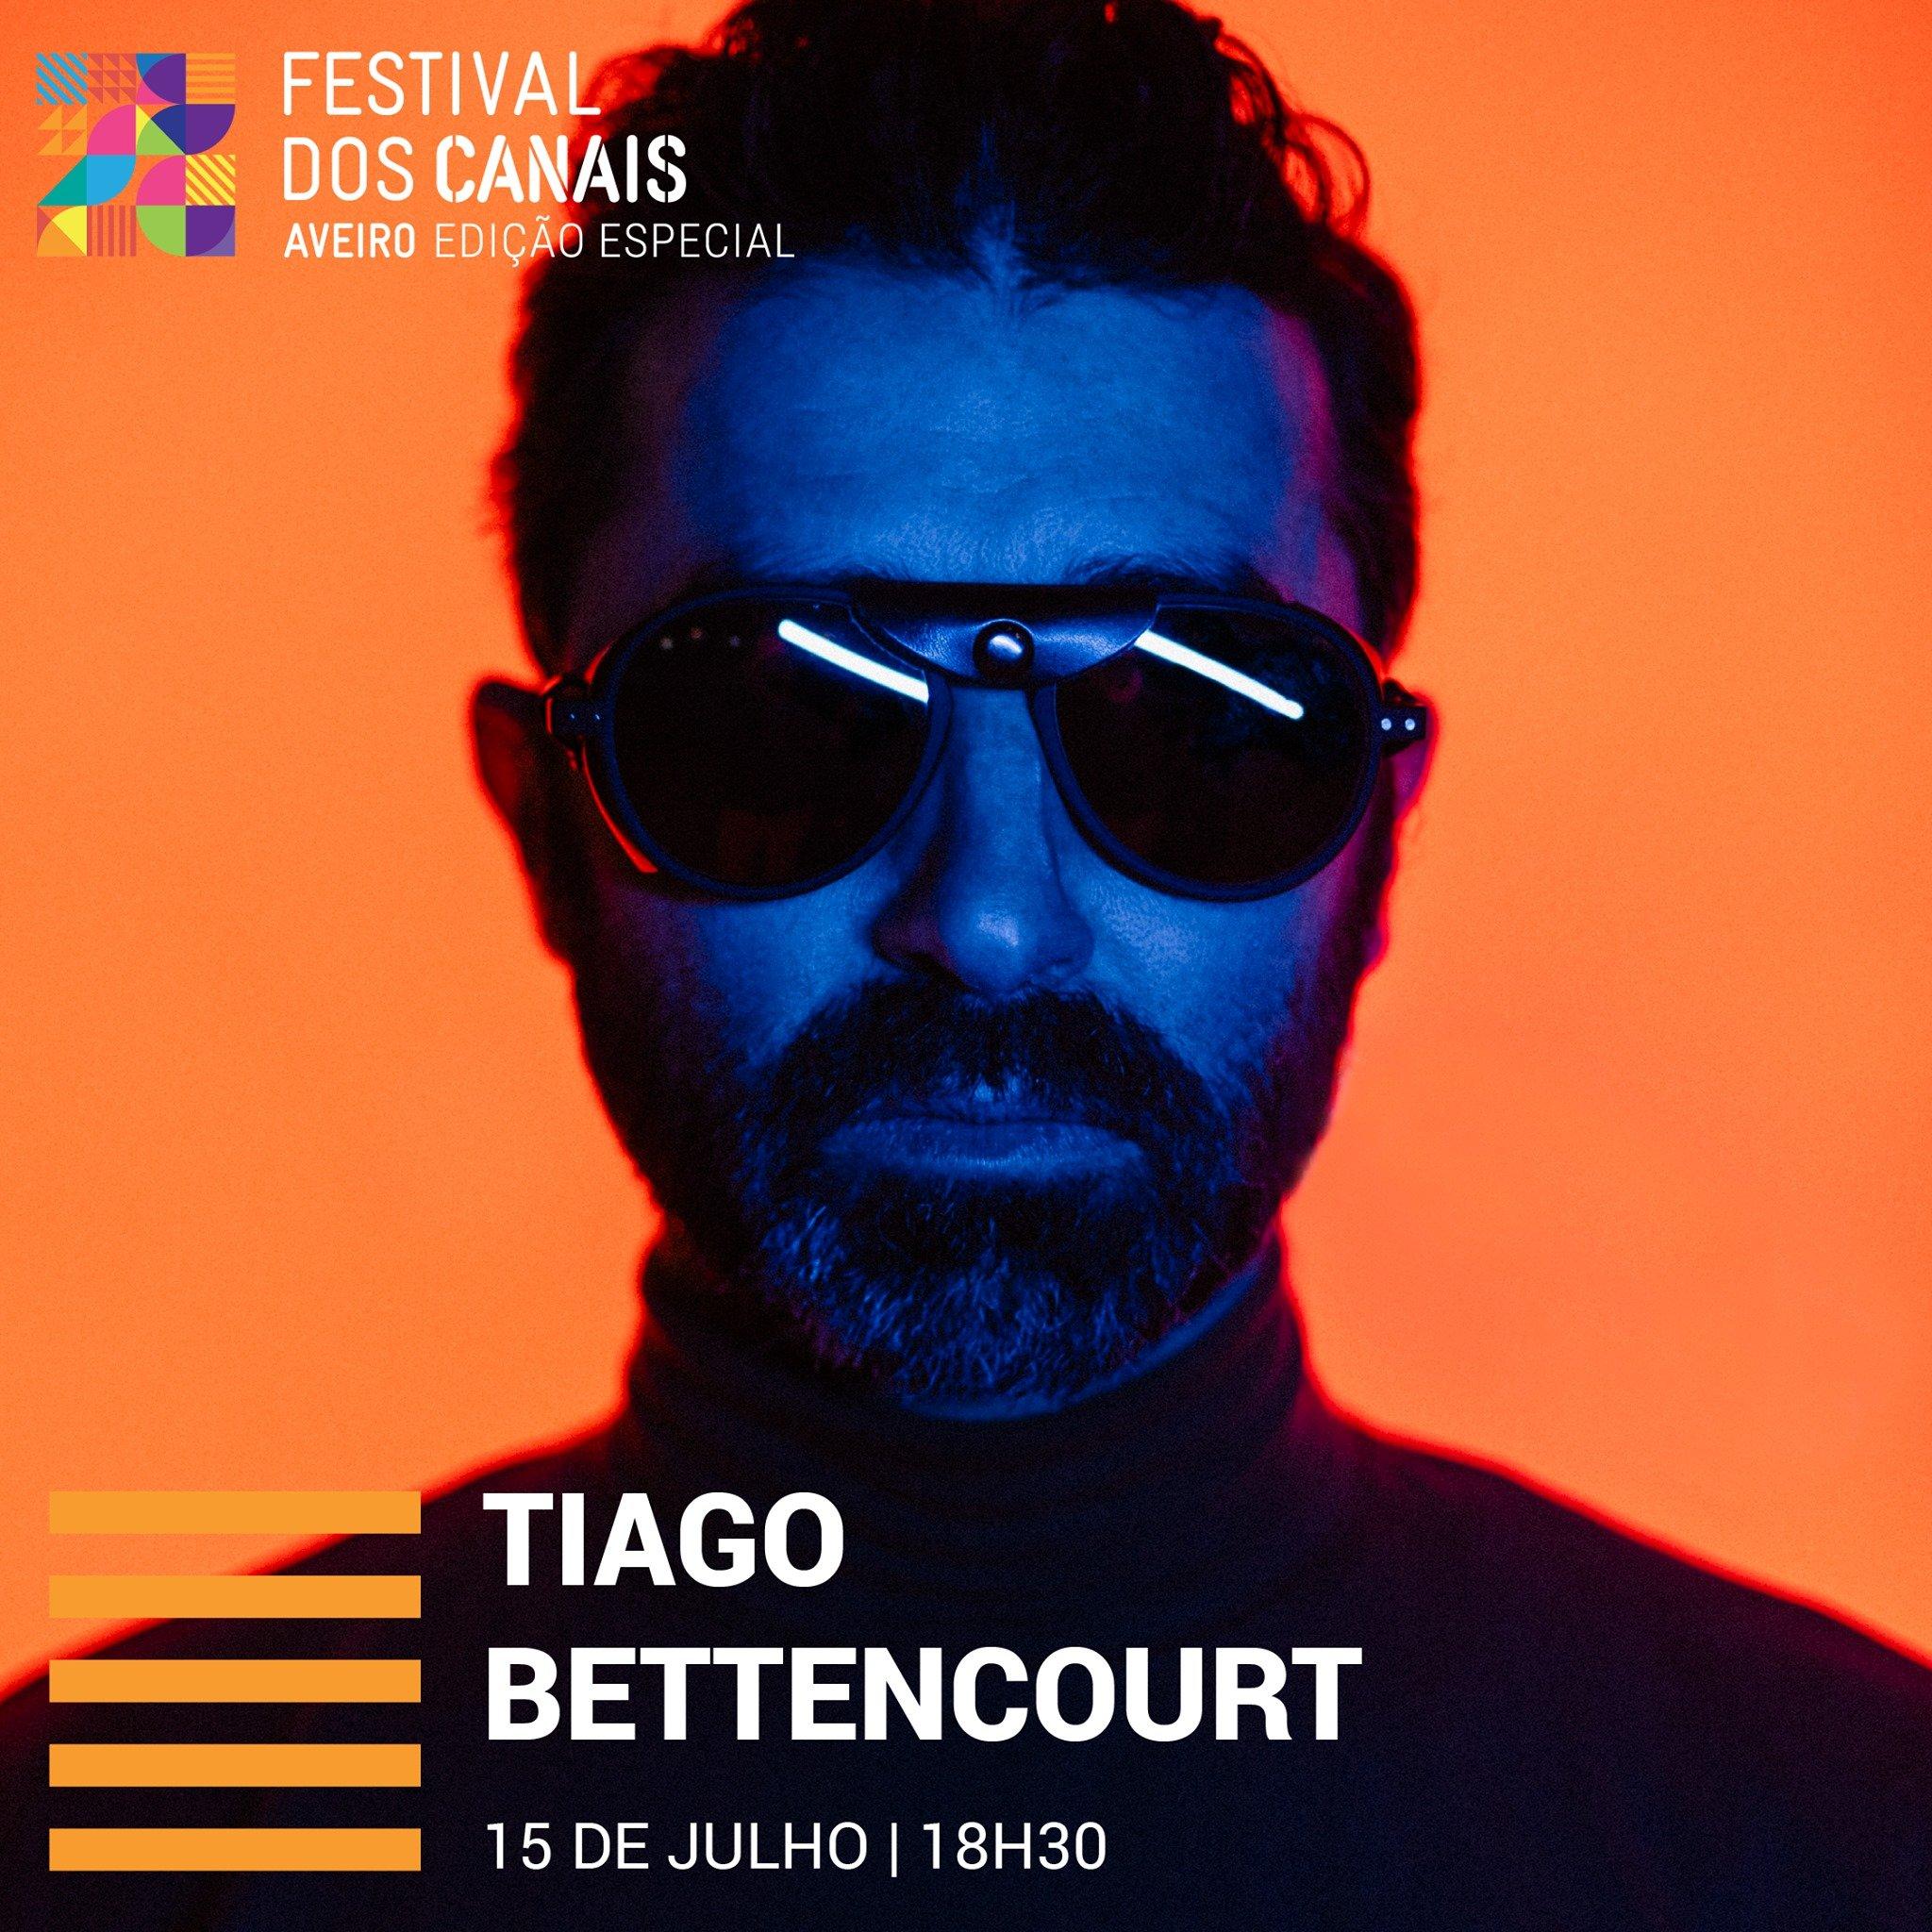 Festival dos Canais em Aveiro Tiago Bettencourt